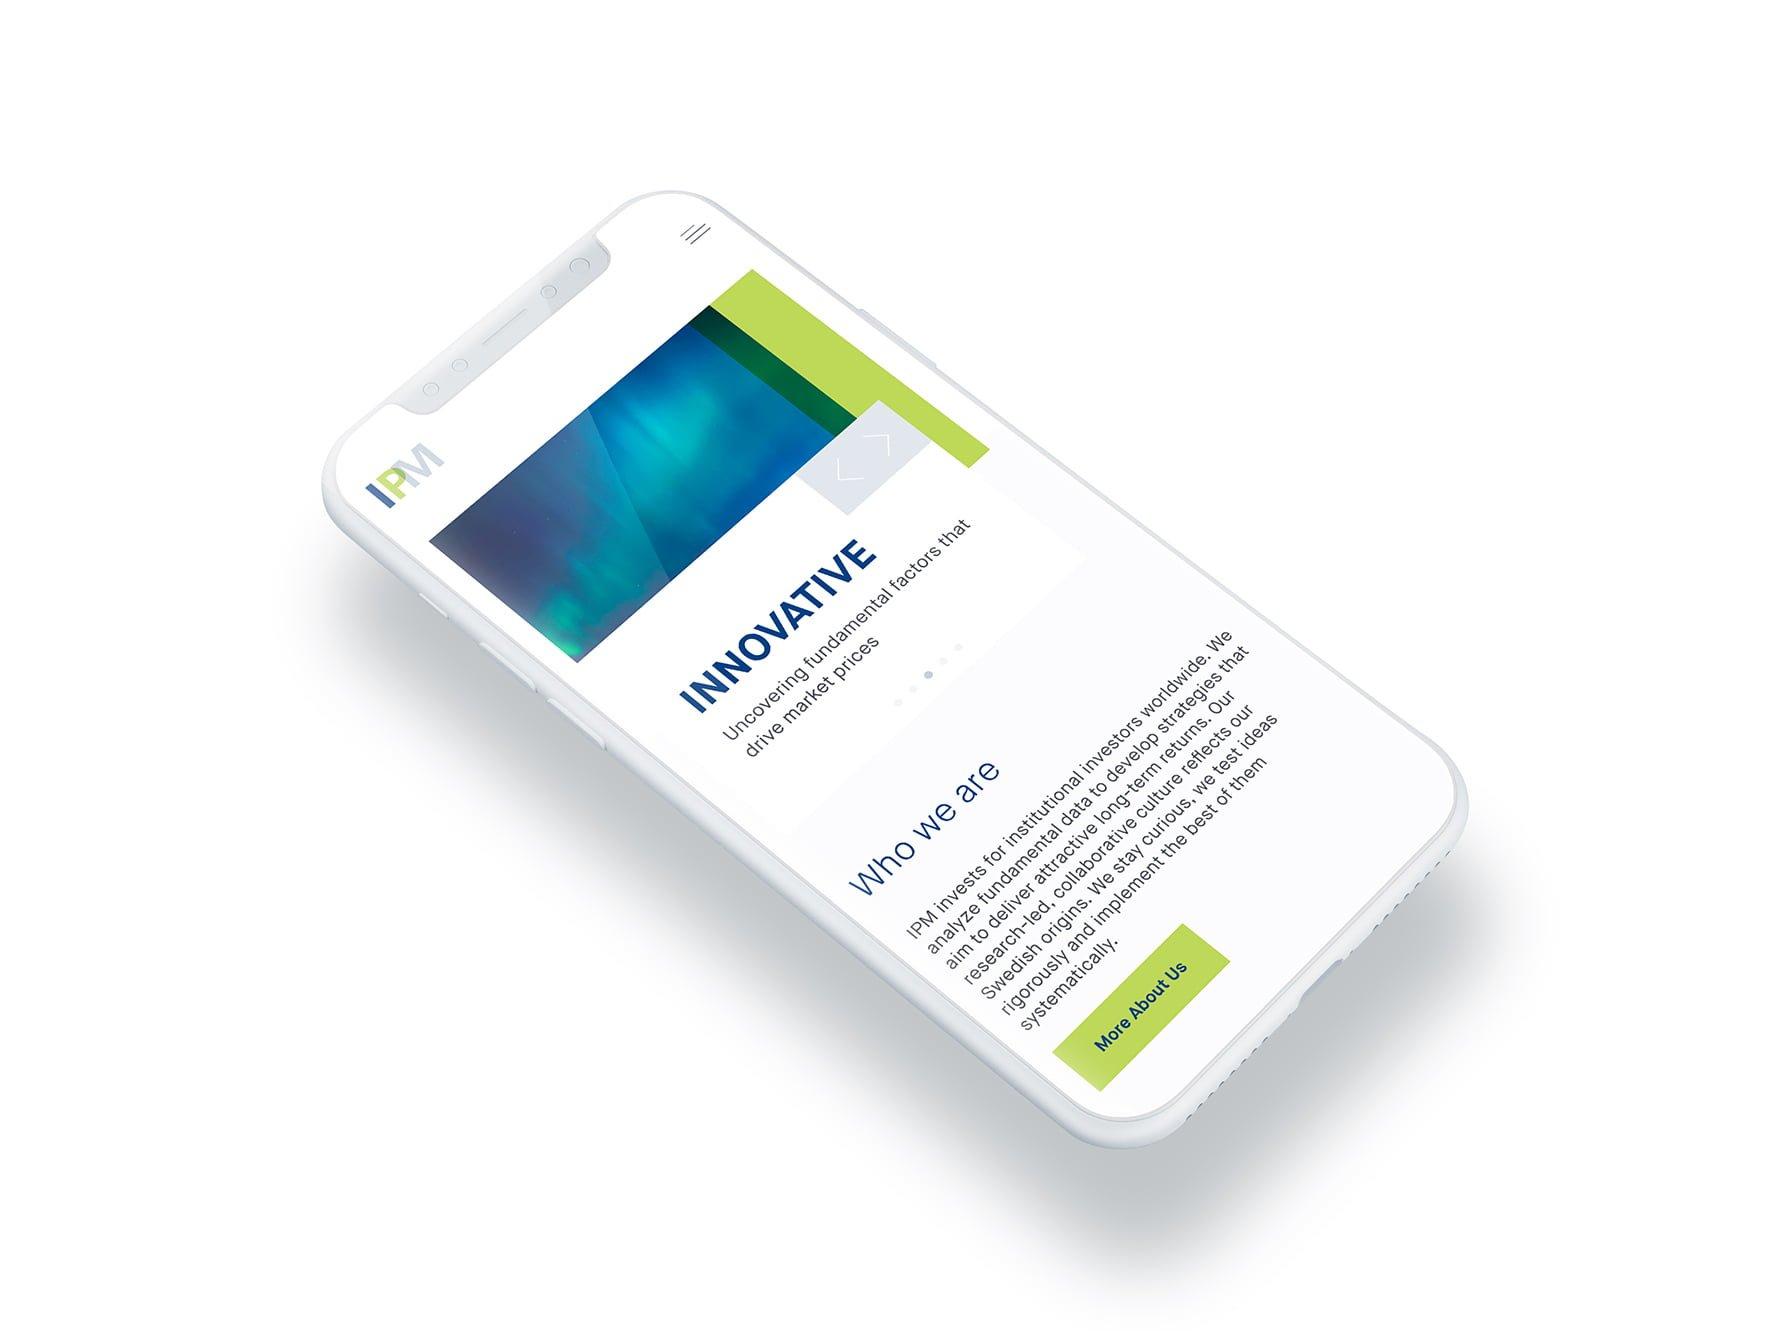 IPM WEBSITE IPHONE